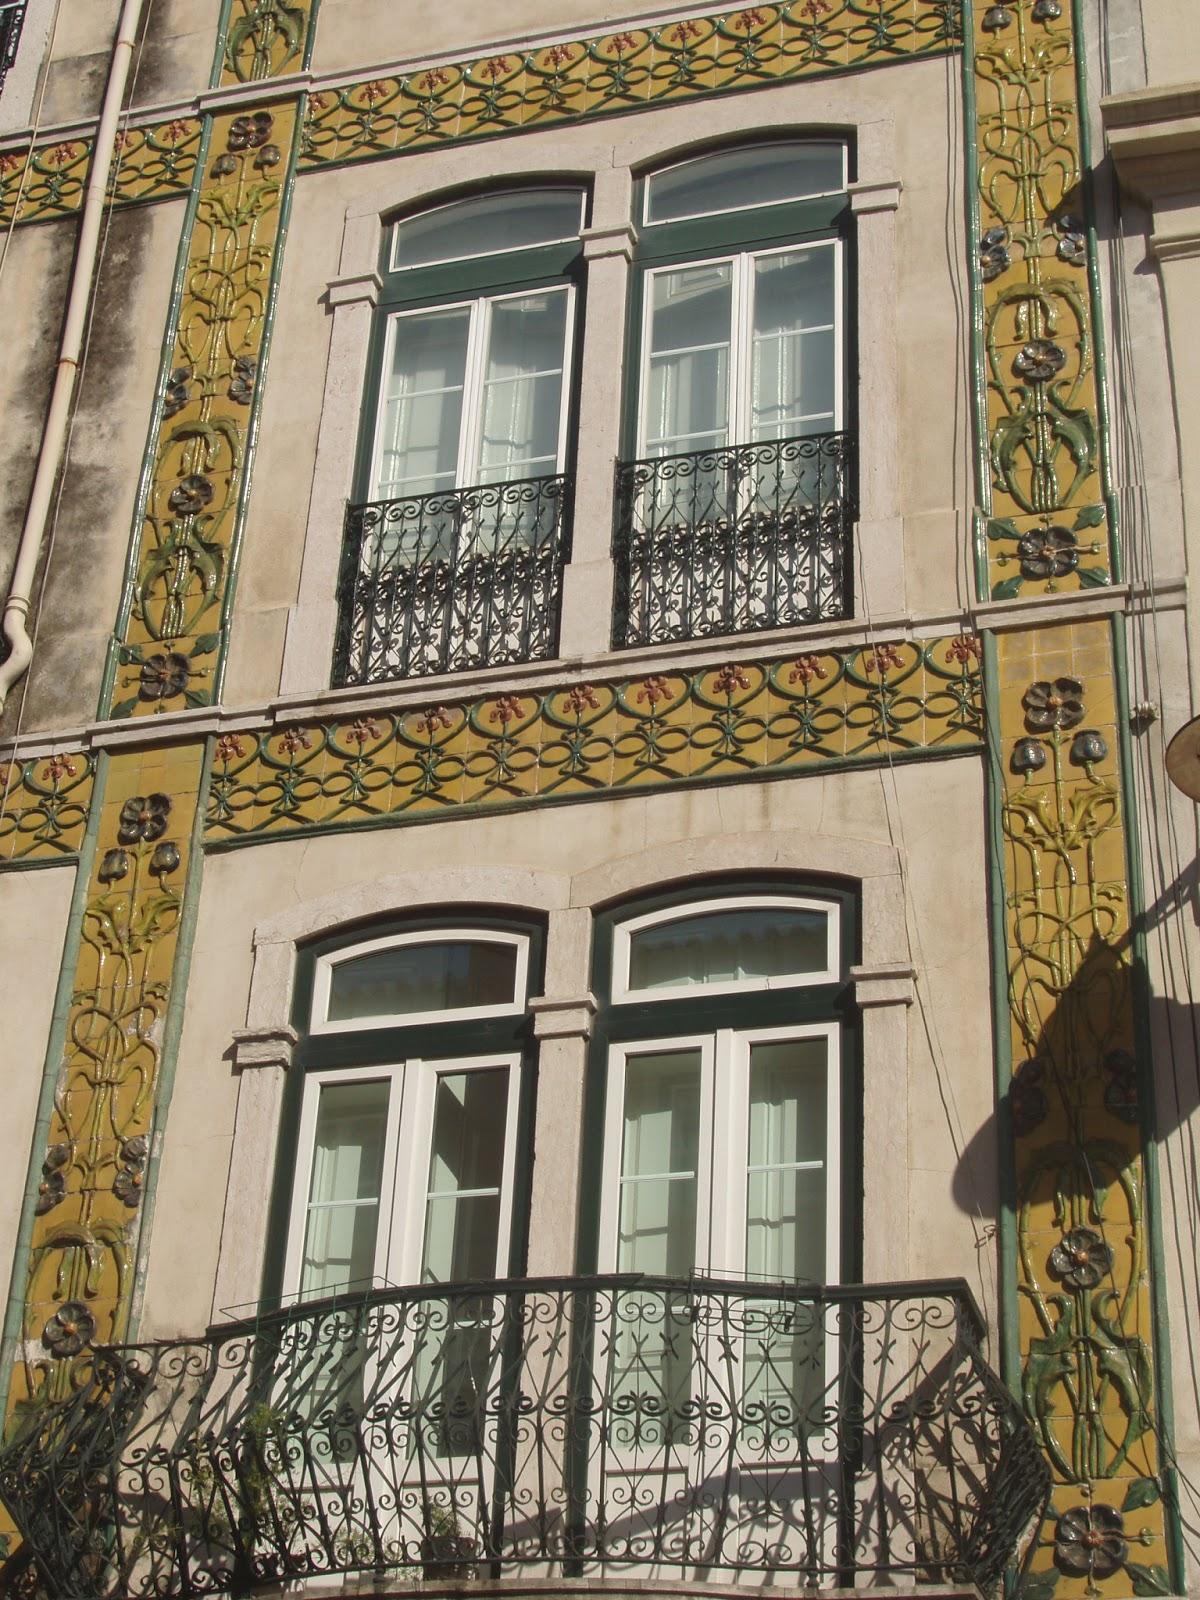 O s tio da f brica const ncia s janelas verdes coysas for Fabrica de azulejos